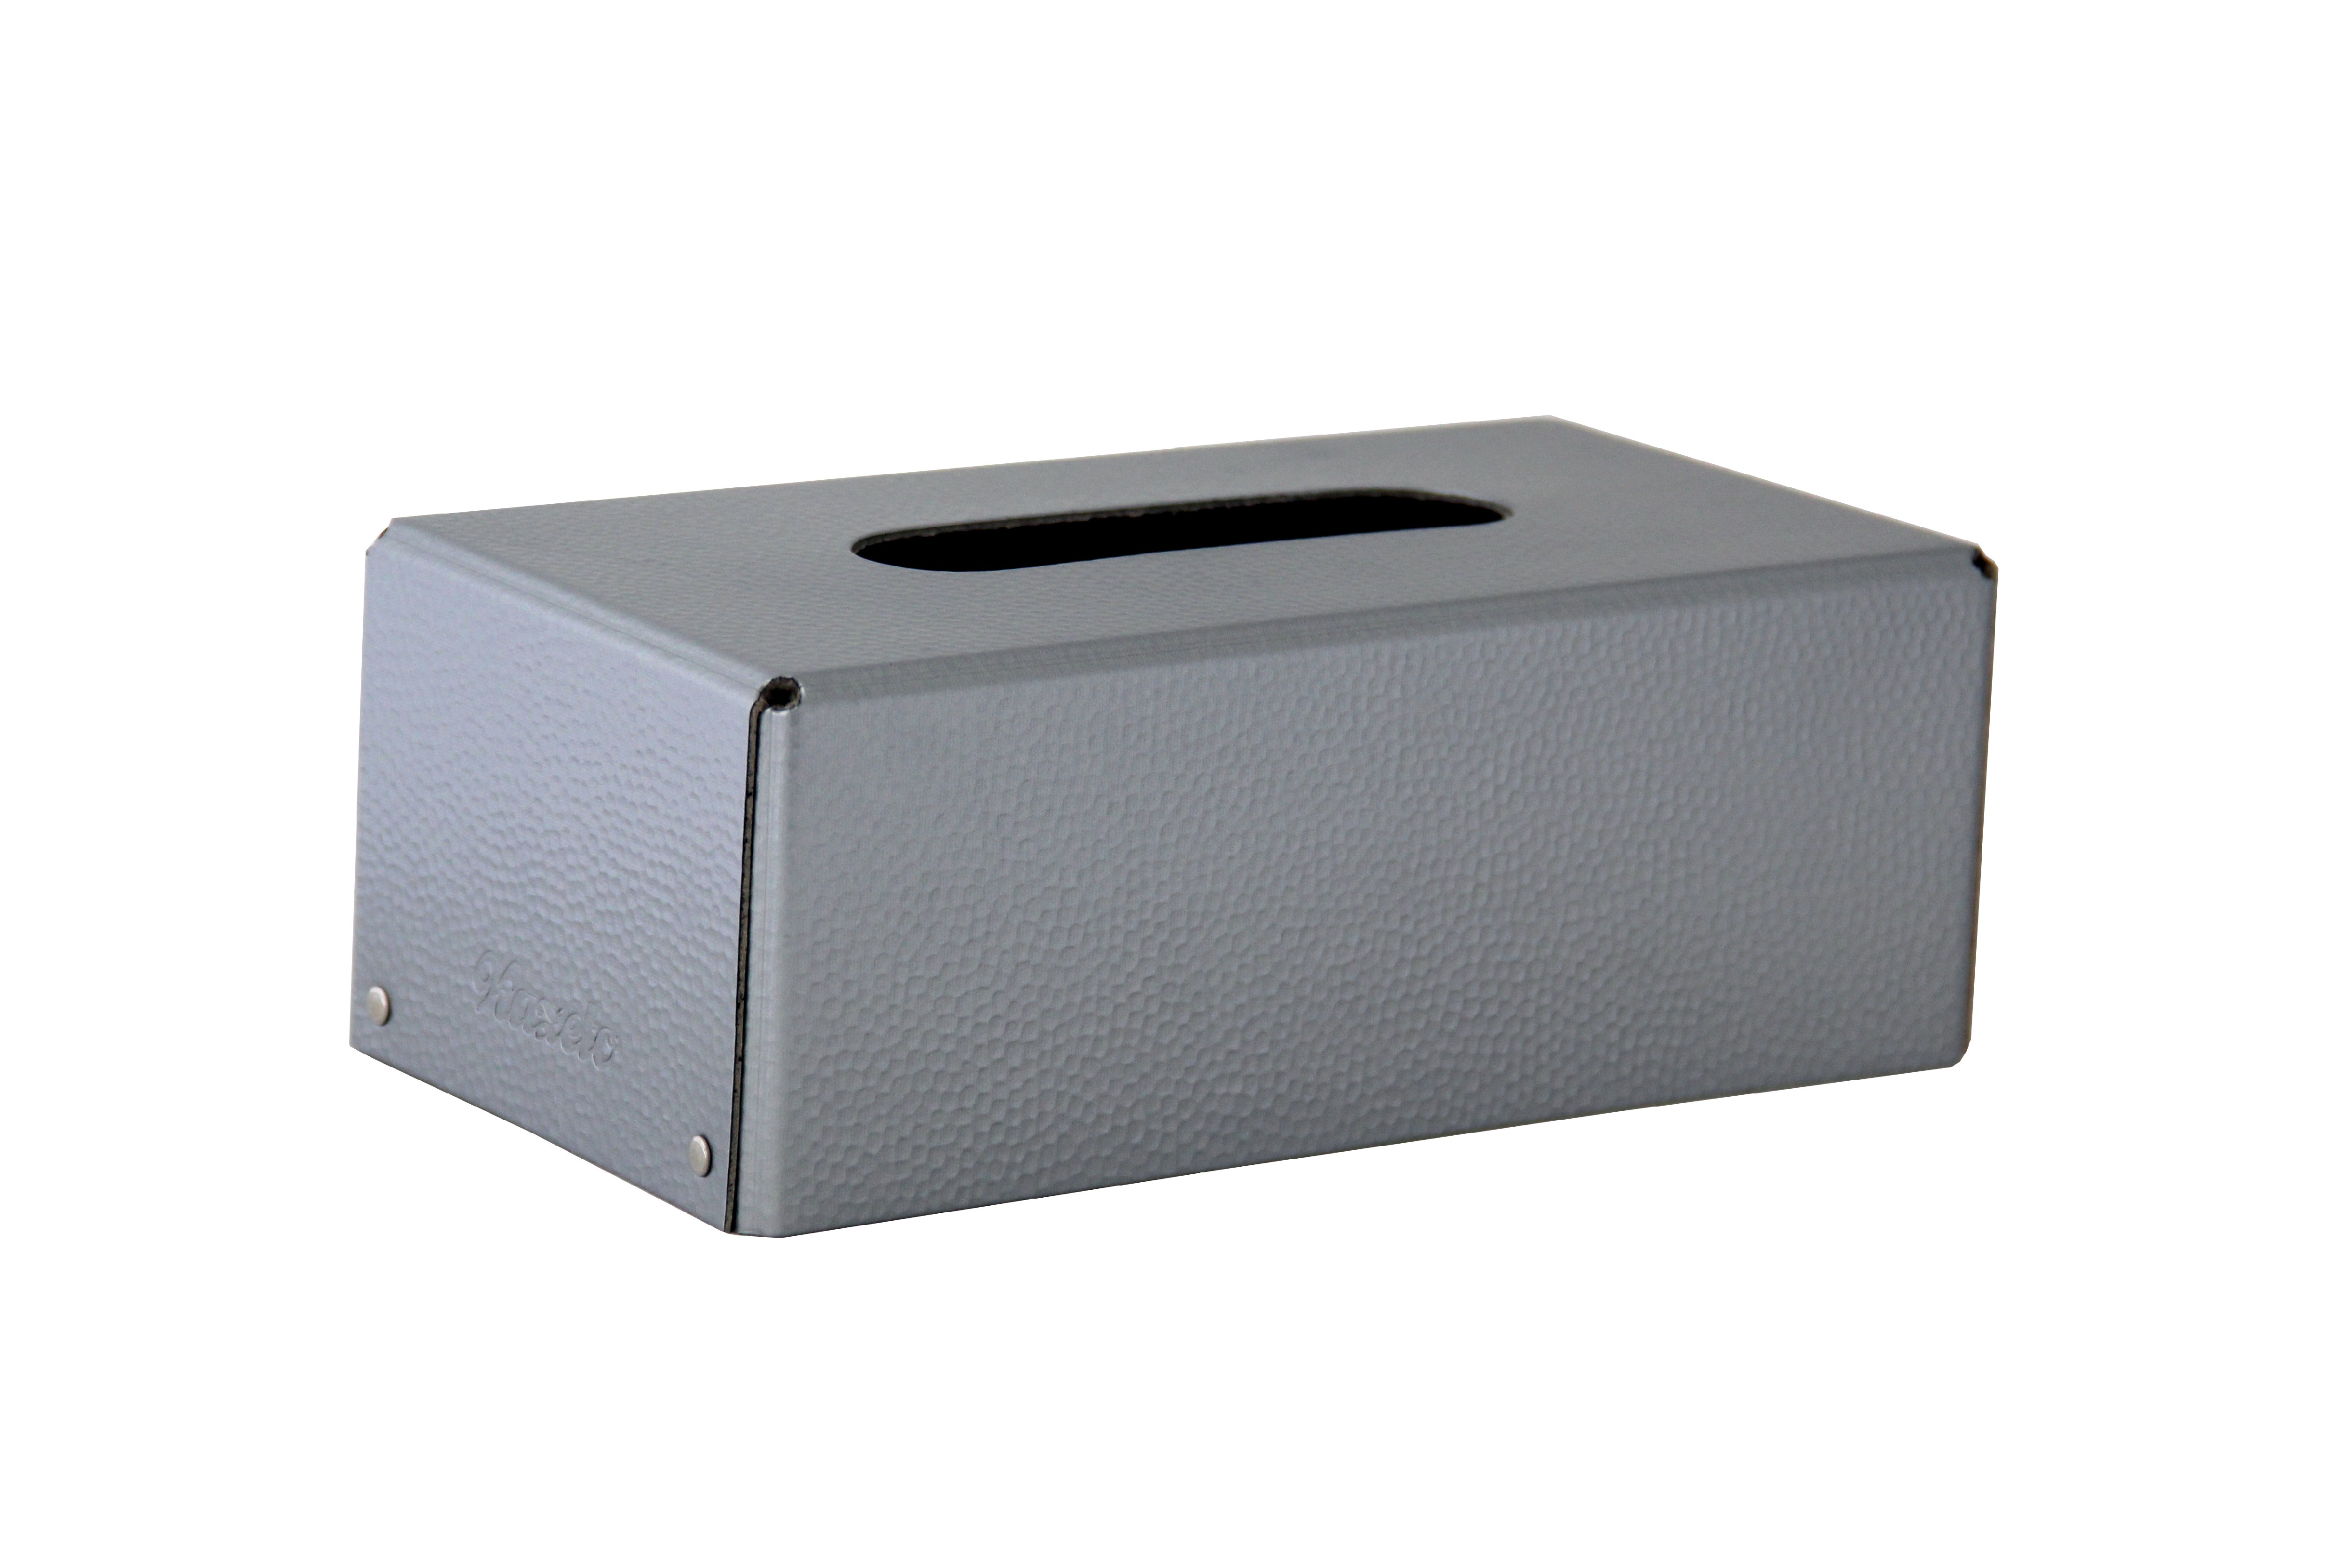 Kazeto Krabička na kapesníky Metal edition Barva: stříbrná